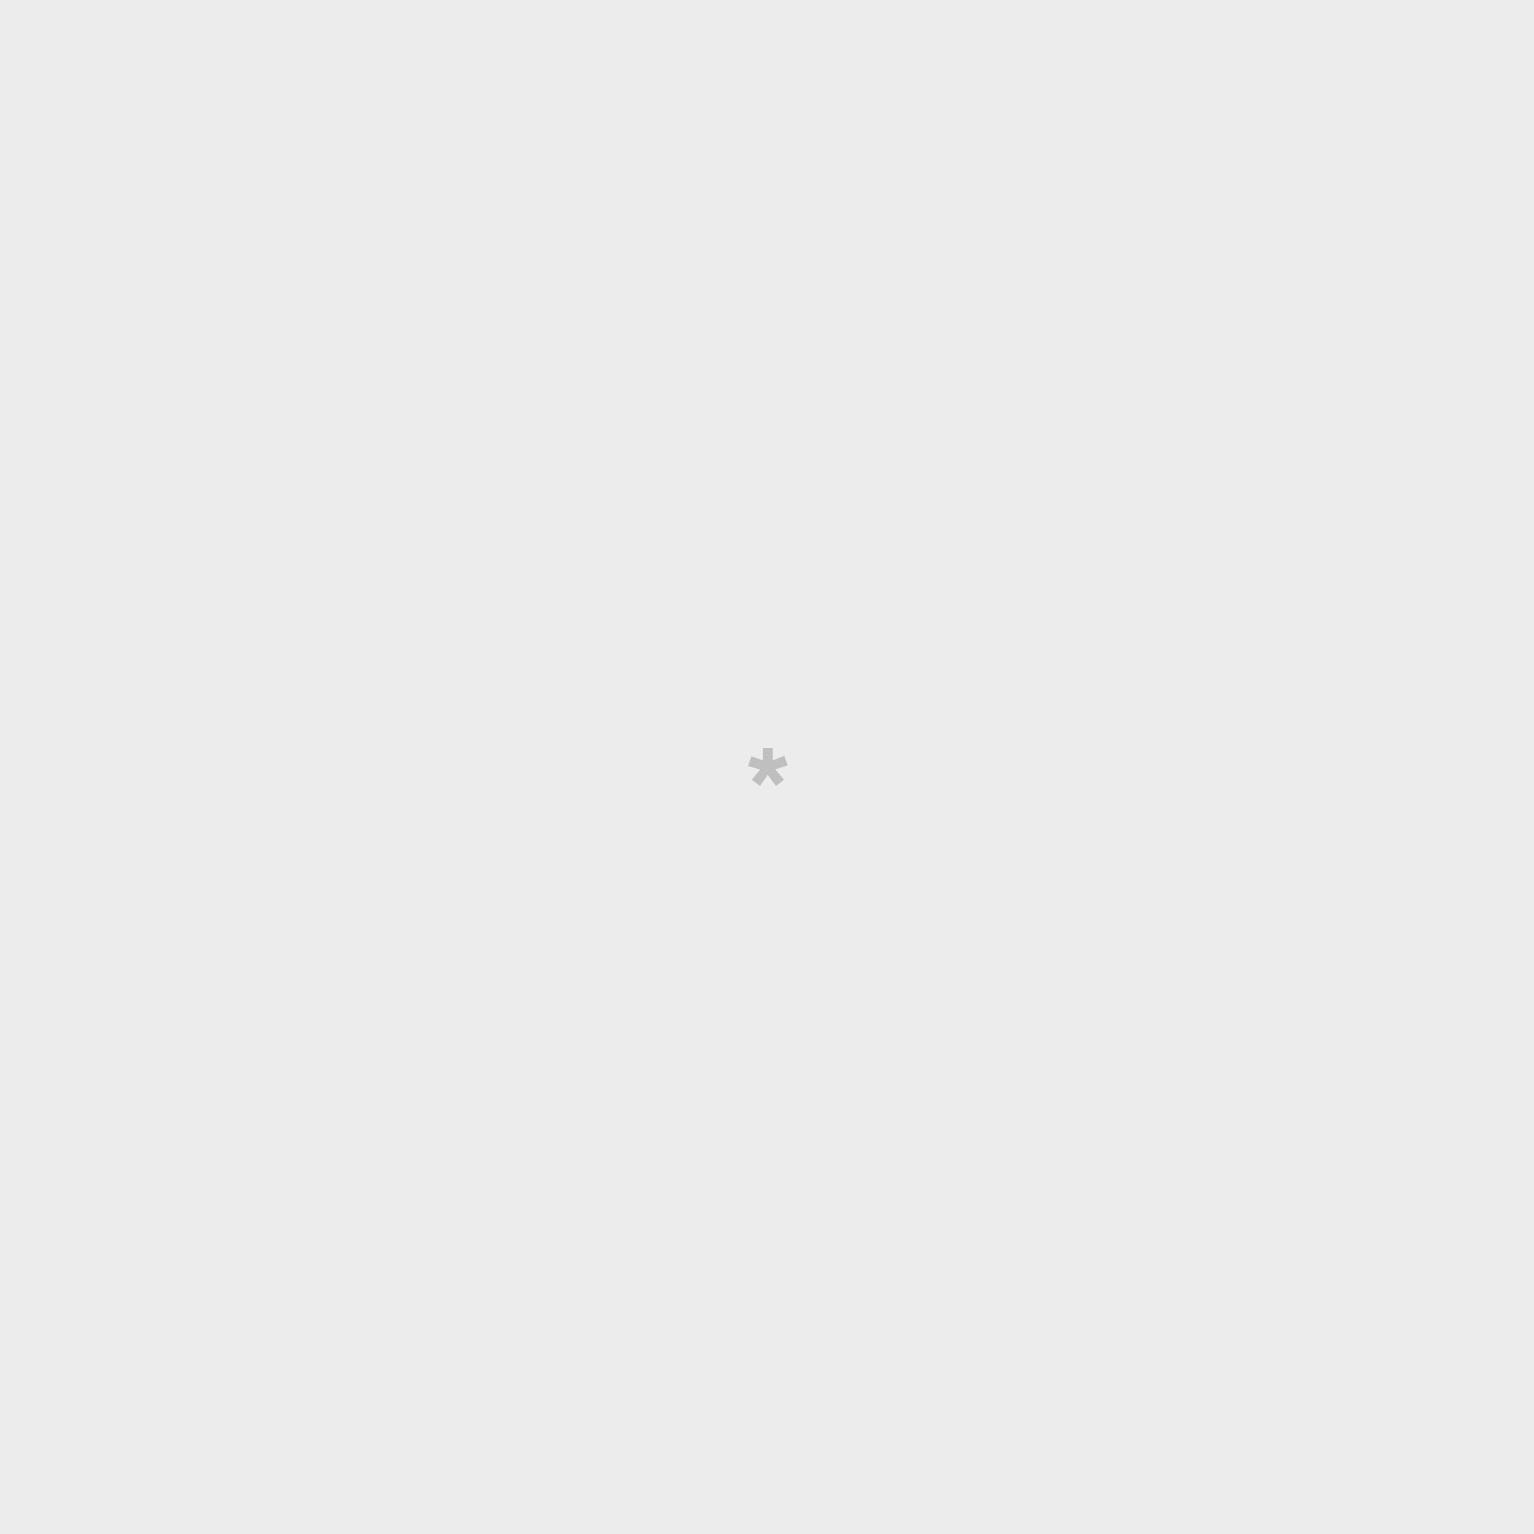 Set de agenda clásica 2021-2022 semanal - Tu aventura empieza aquí